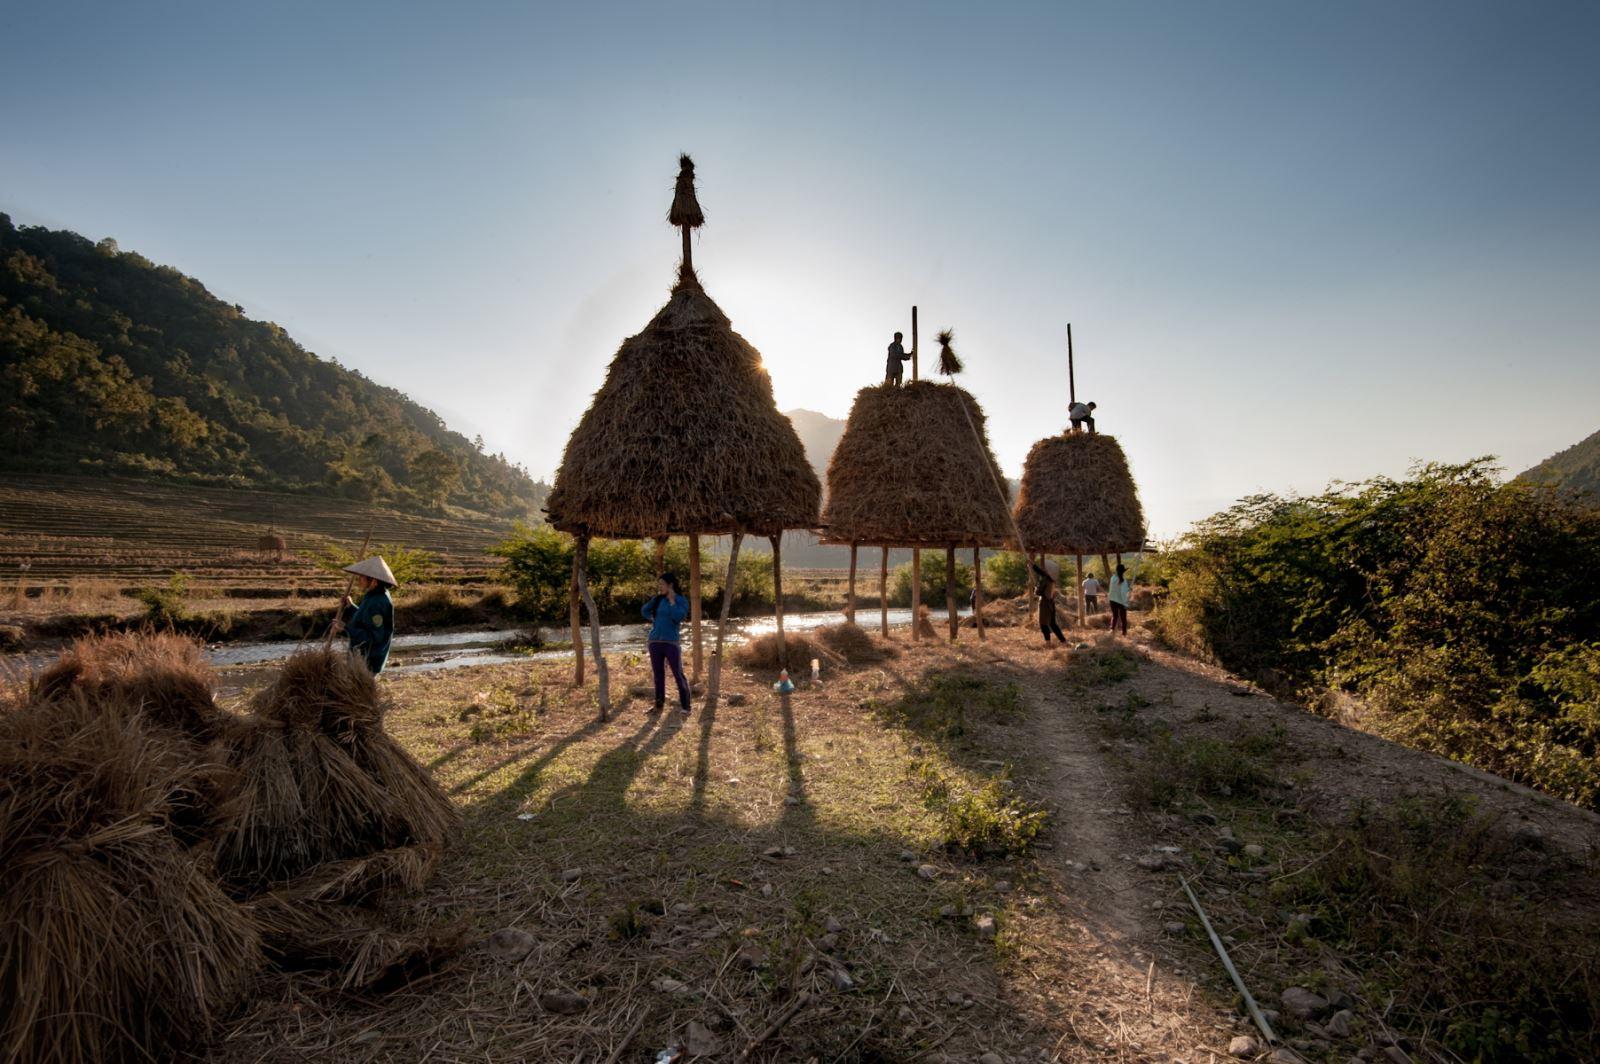 Thu hoạch lúa xong, rơm thường được gom lại chất đống dưới sàn hay xếp thành cây, để sử dụng làm thức ăn cho gia súc.